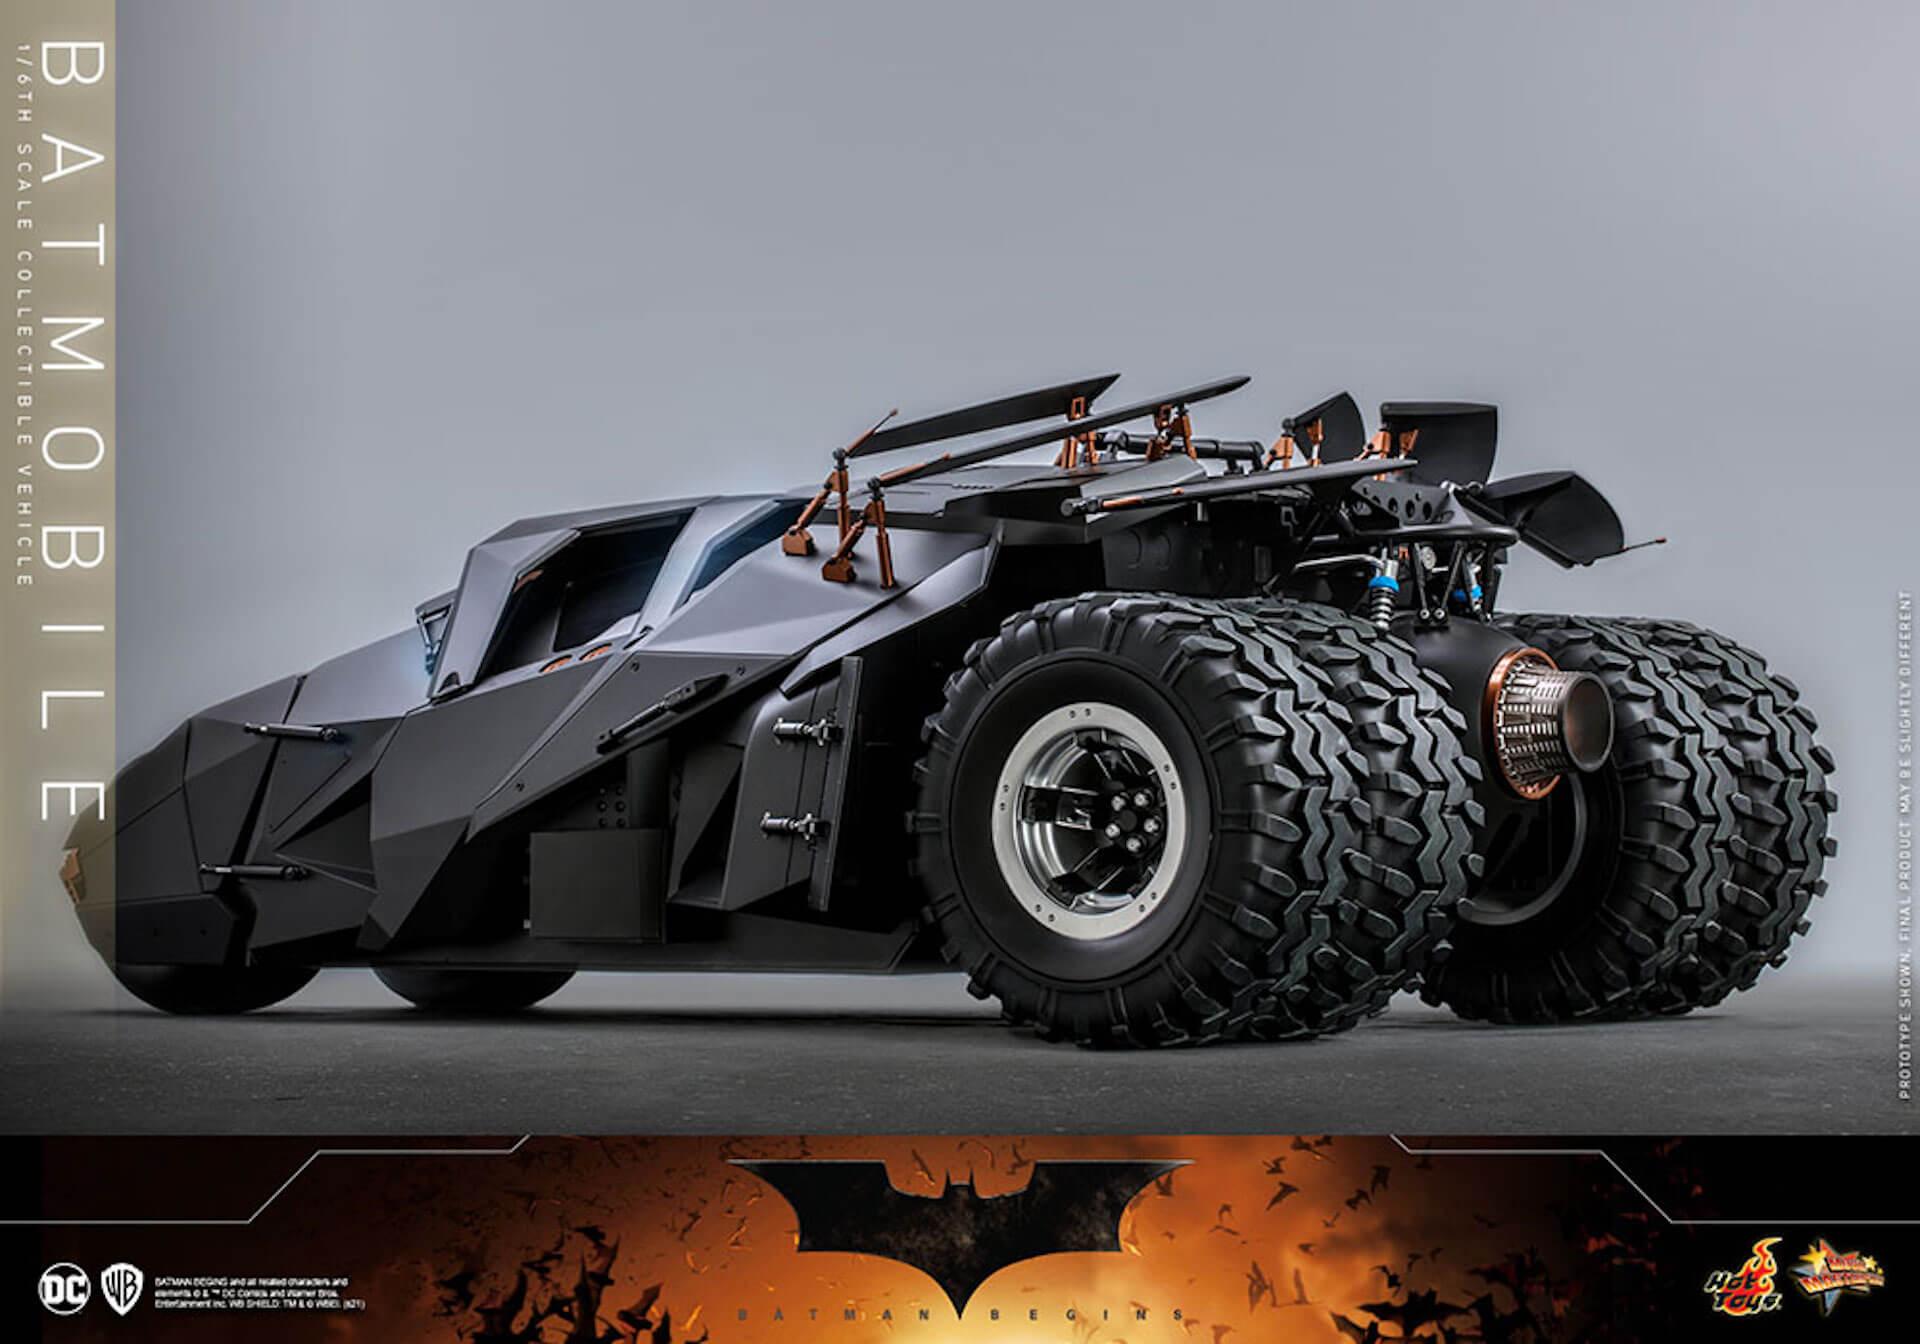 『バットマン ビギンズ』のバットマン&バットモービルが超精巧なフィギュアに!ホットトイズから発売決定 art210401_hottoys_batmanbegins_3